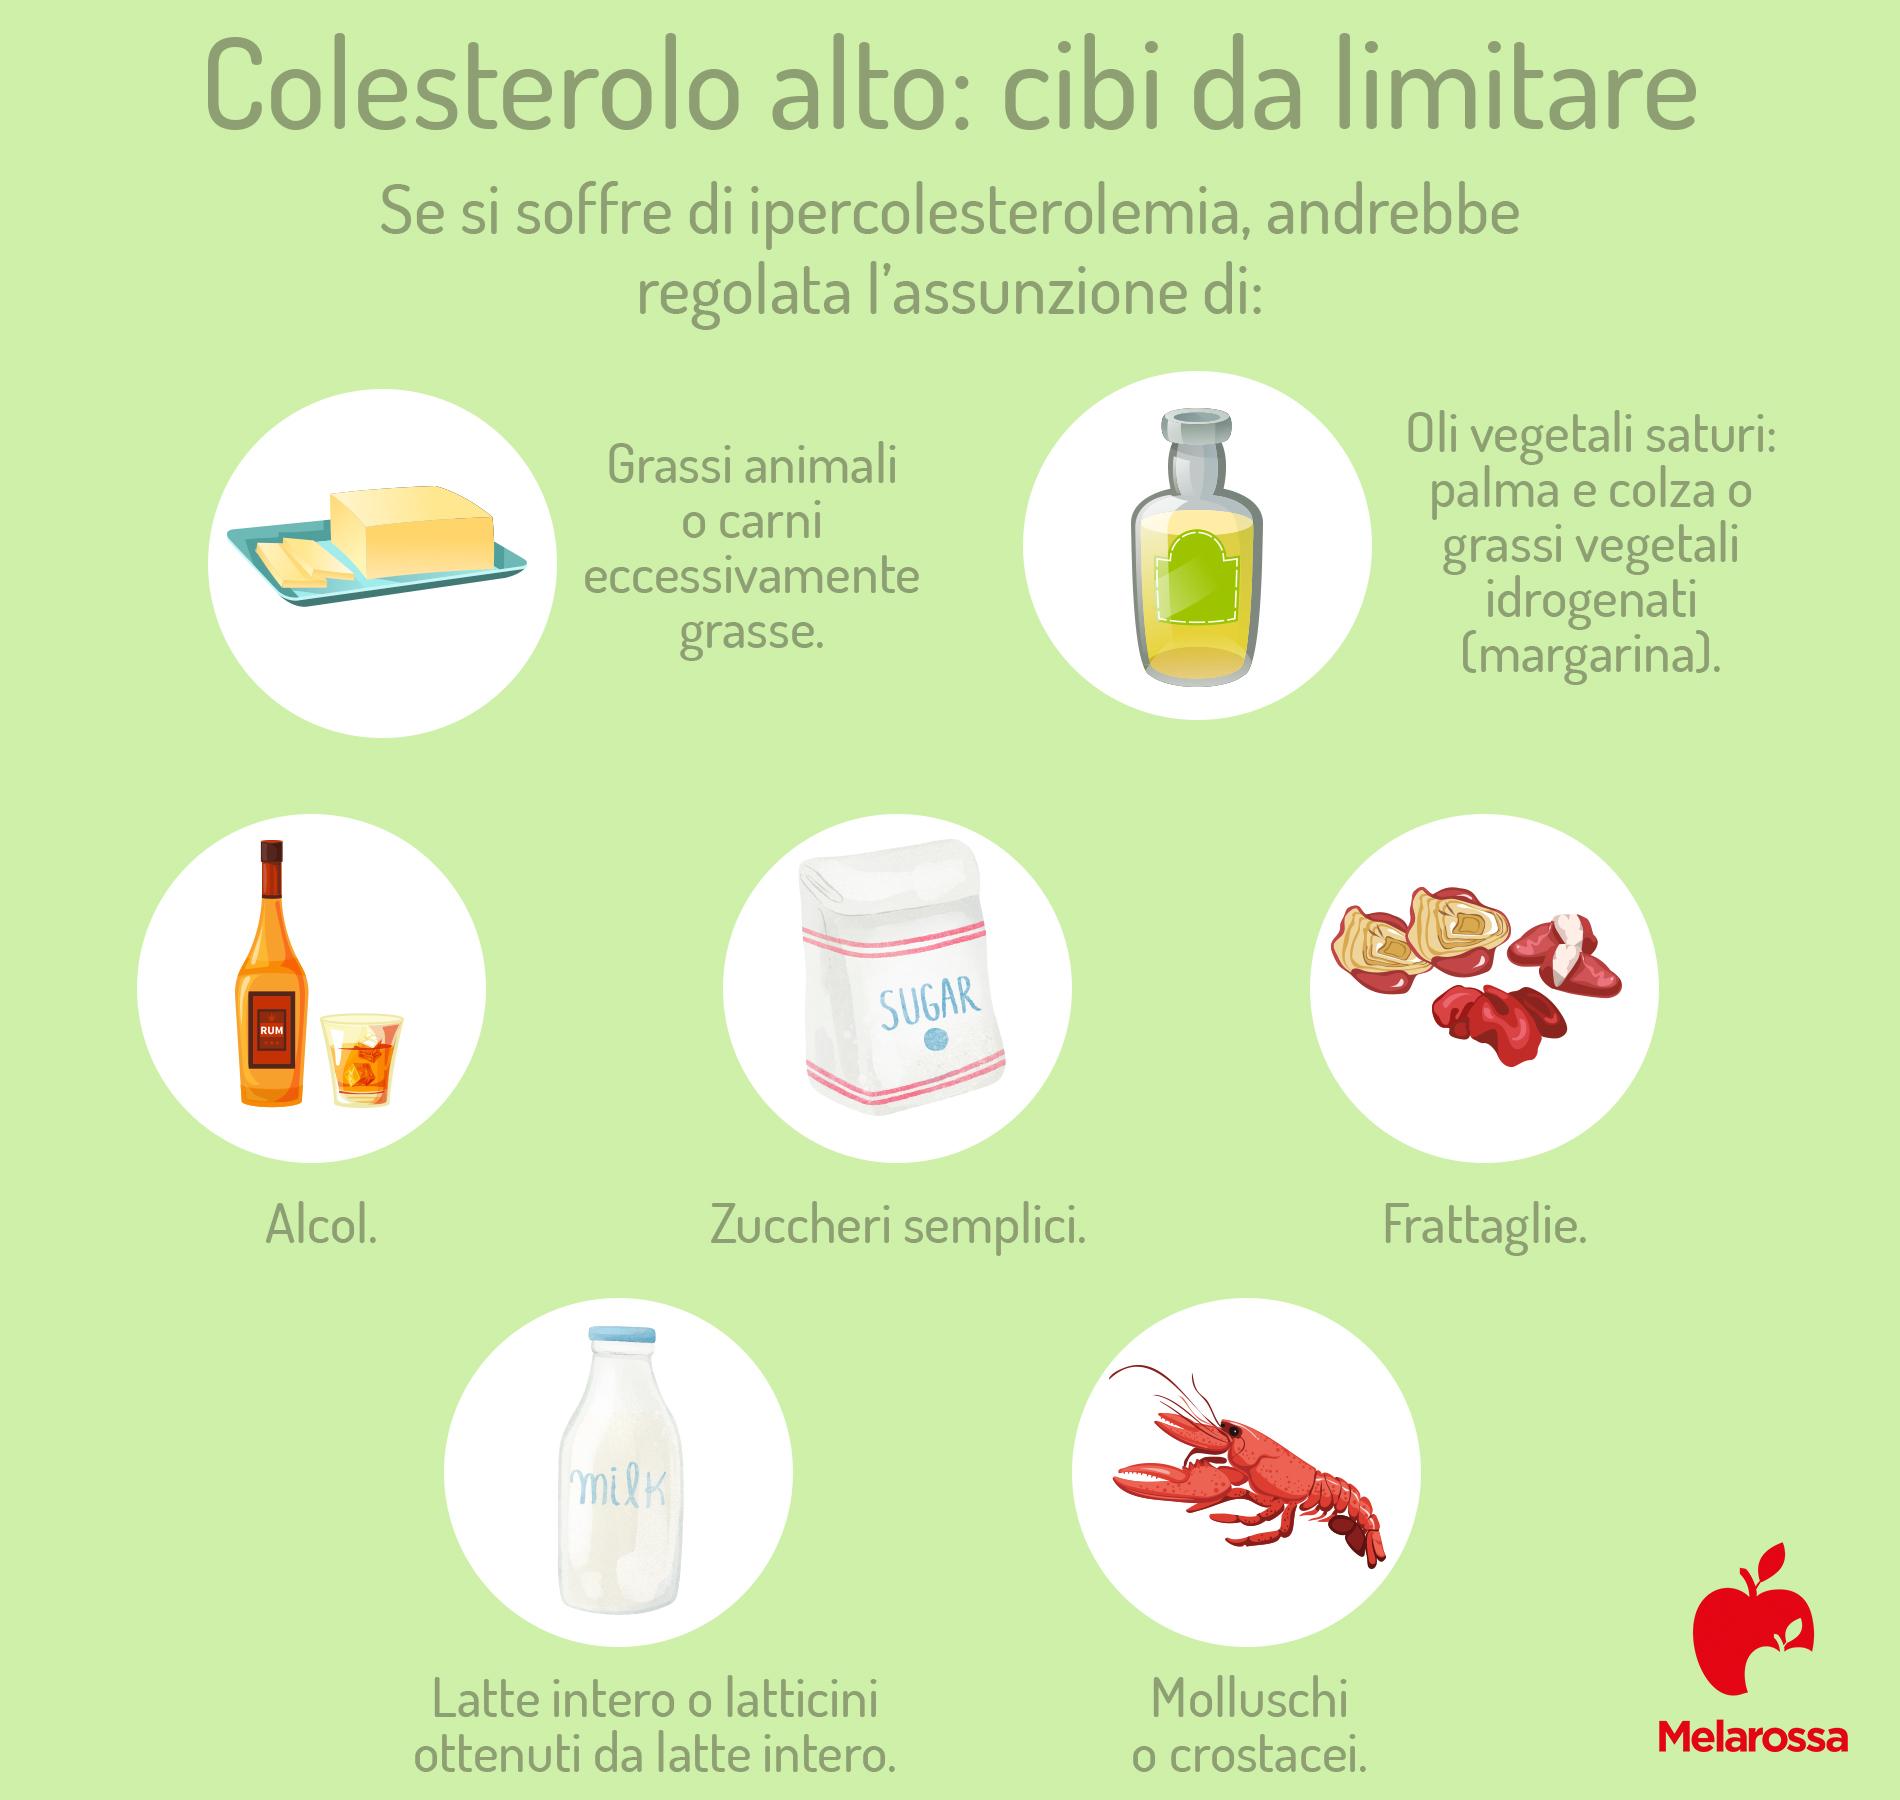 dieta per colesterolo alto: cibi da limitare